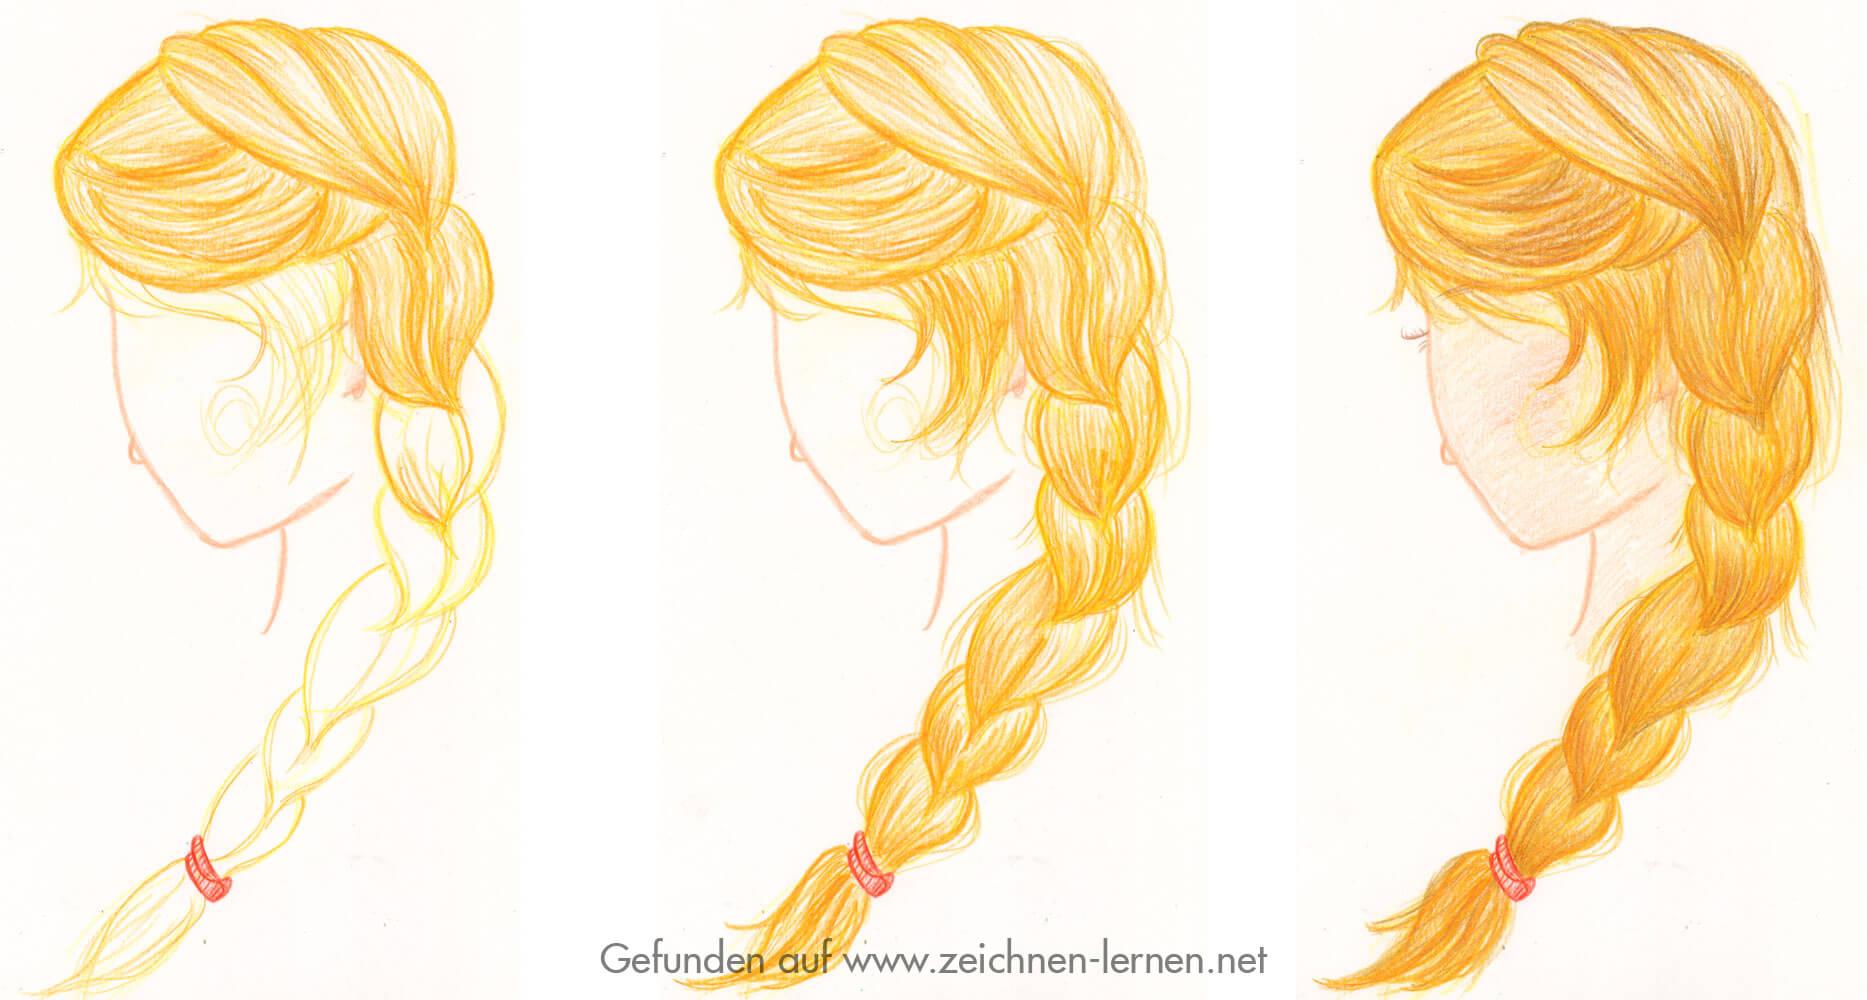 Frisuren fur lange haare anfanger